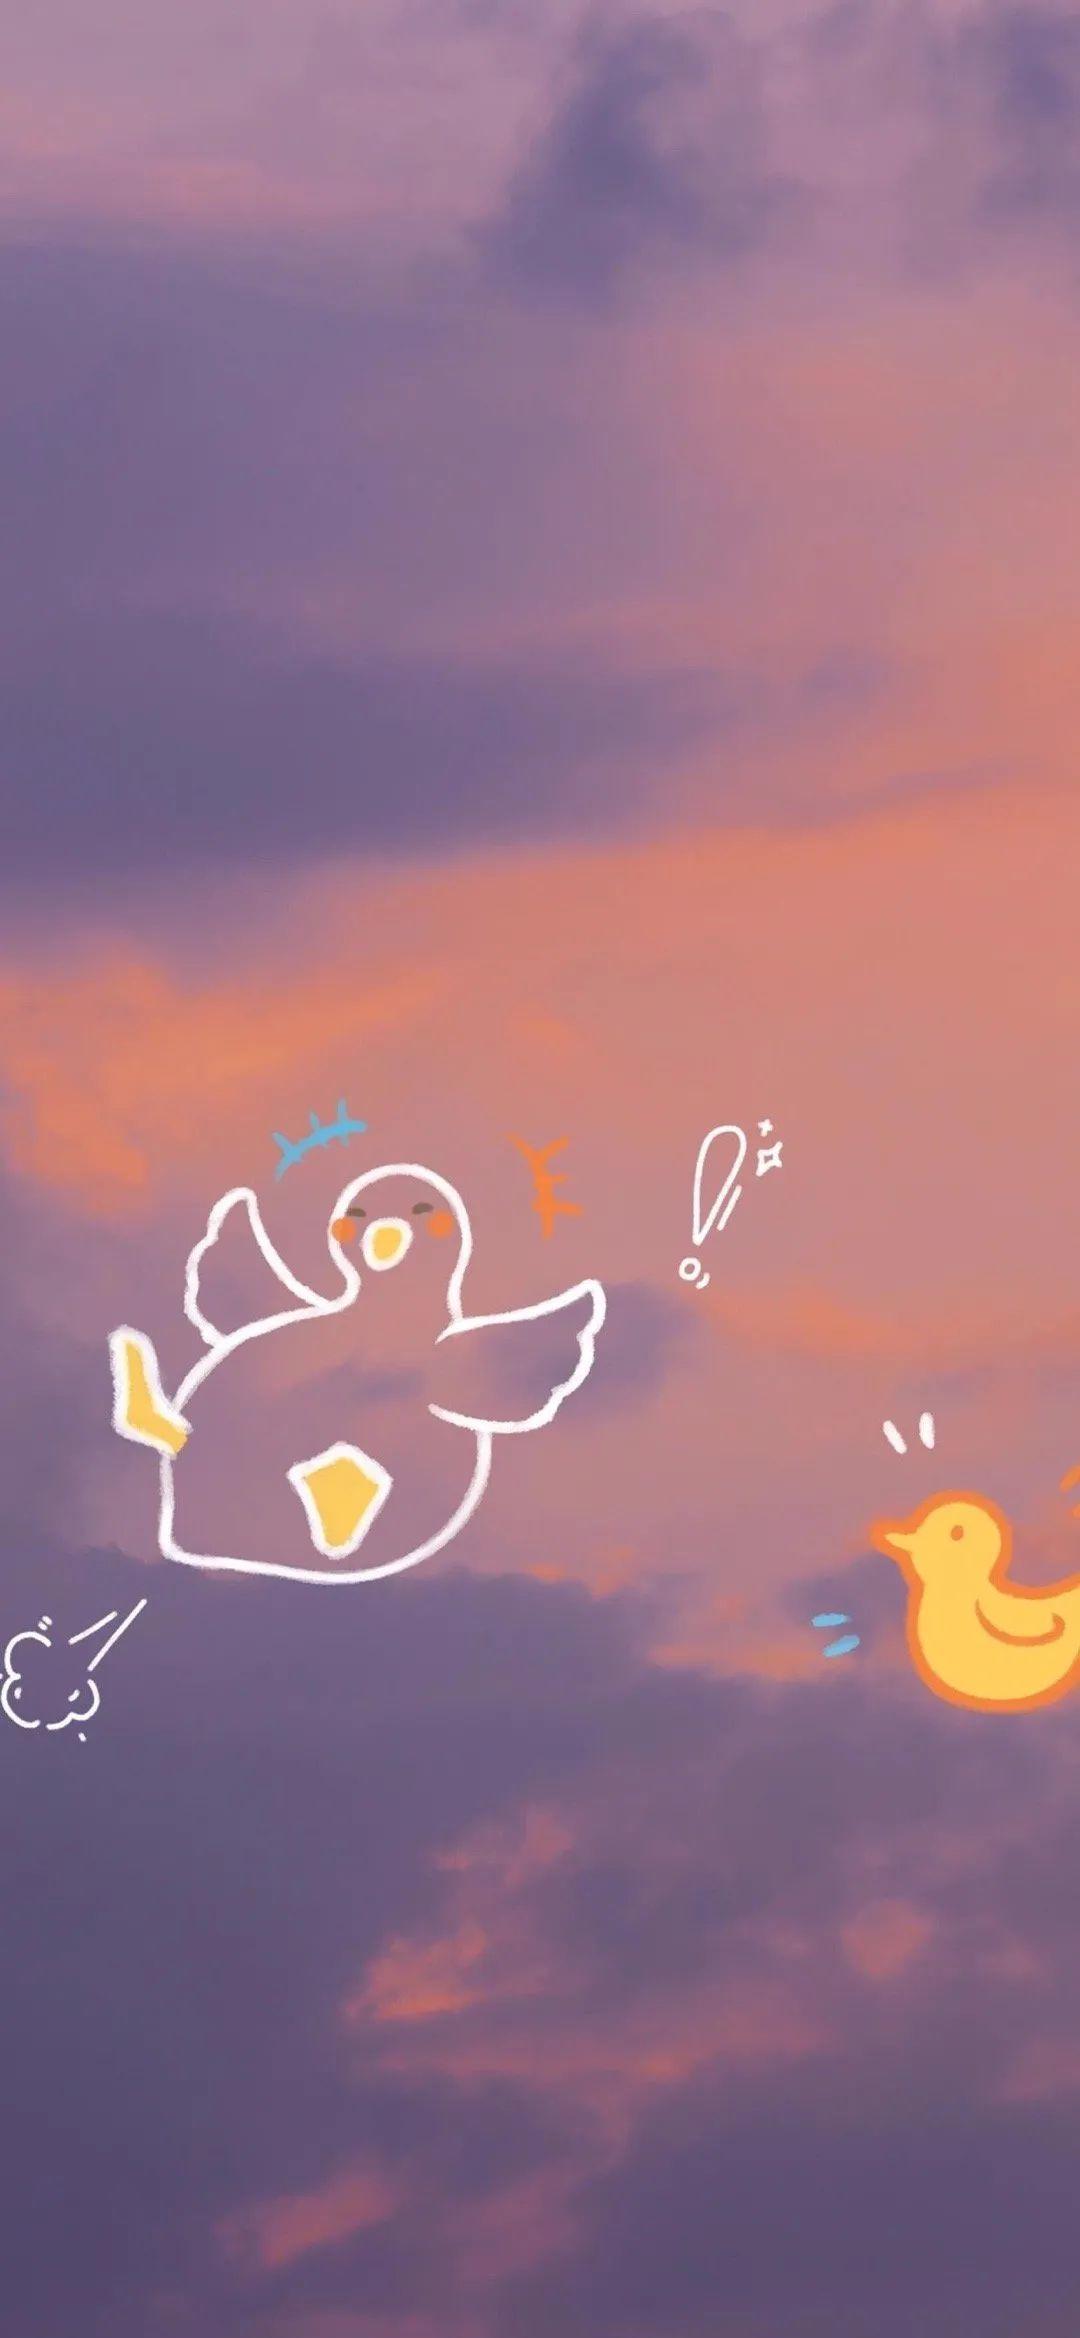 关于黄昏的日落文案短句温柔: 世界上没有一次日落是无聊的。插图5